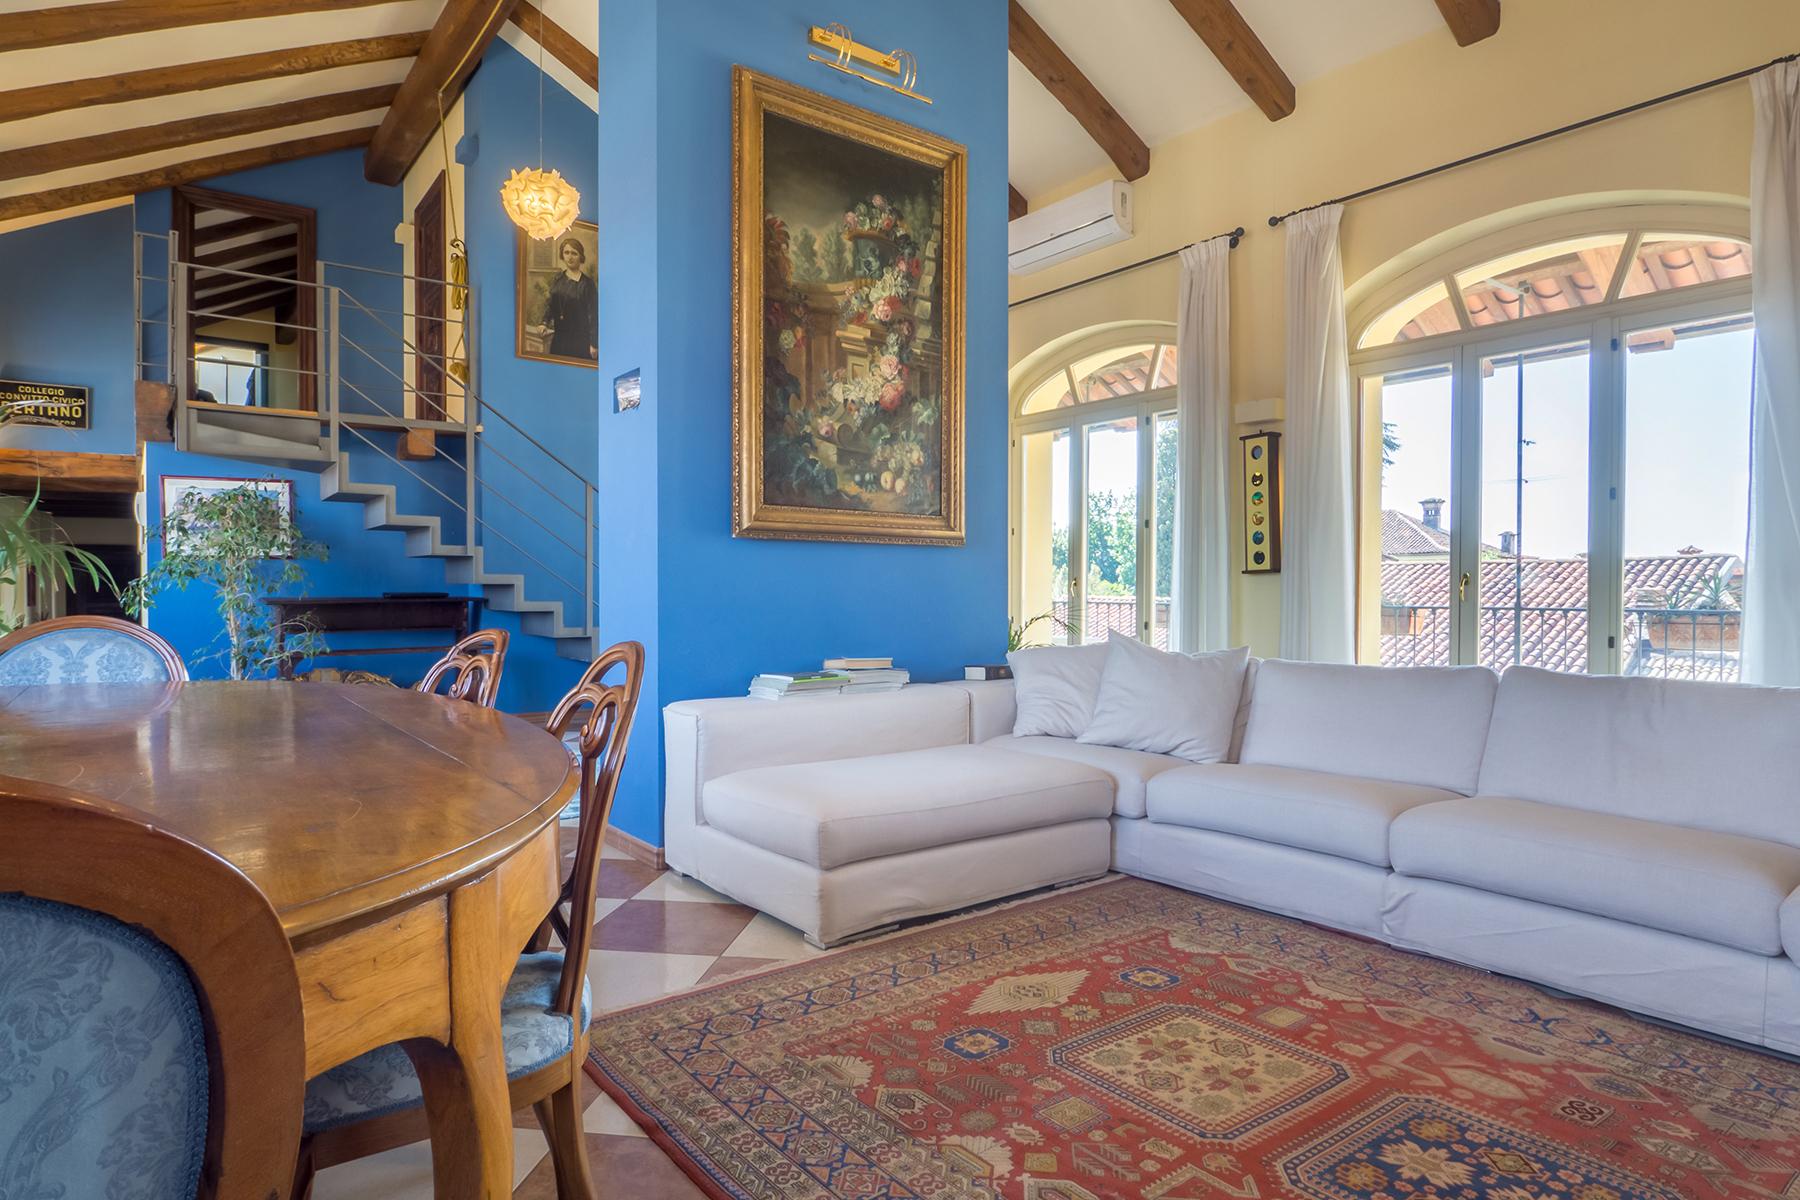 Appartamento in Vendita a Favria: 5 locali, 317 mq - Foto 3